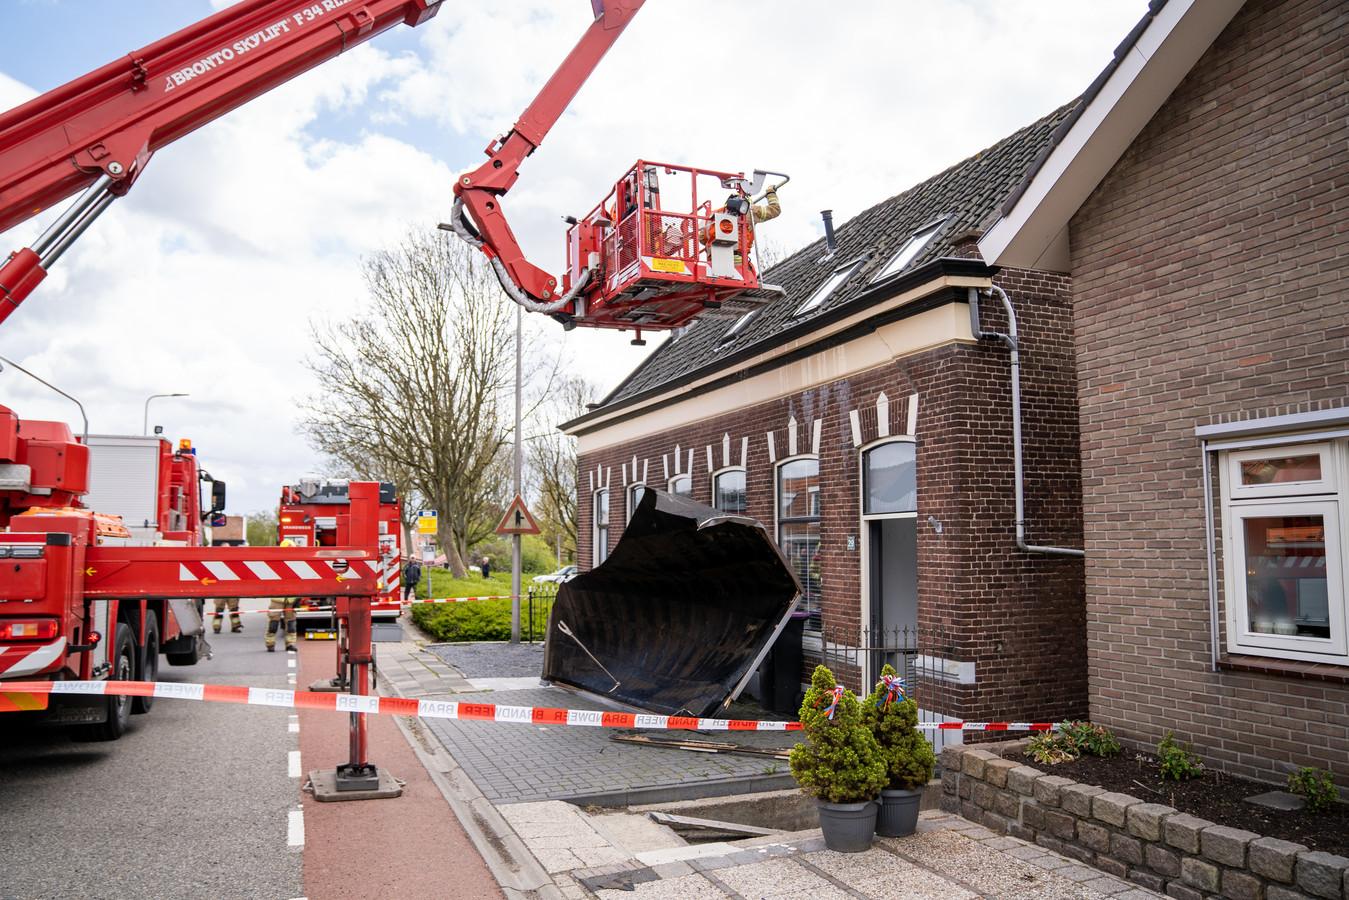 Met behulp van een hoogwerker heeft de brandweer het stuk dak in Zuidland veilig naar beneden gekregen.